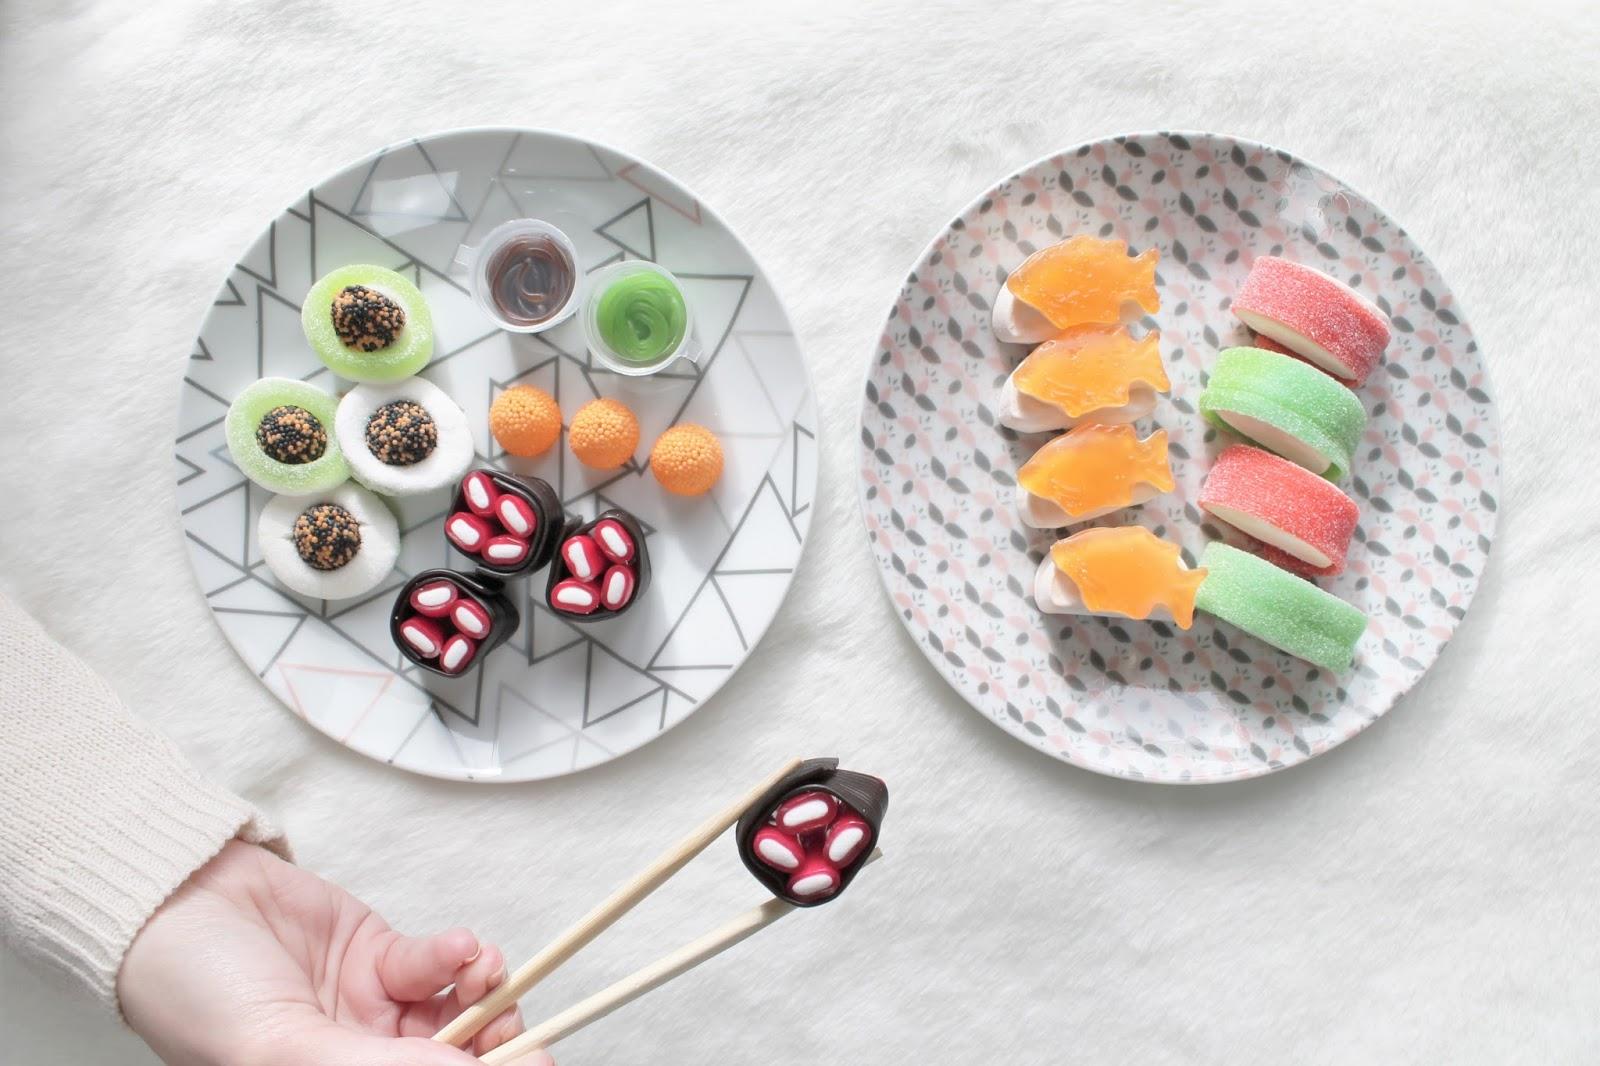 degustabox box food fevrier 2016 code promo bon plan reduc parrainage offert parrain